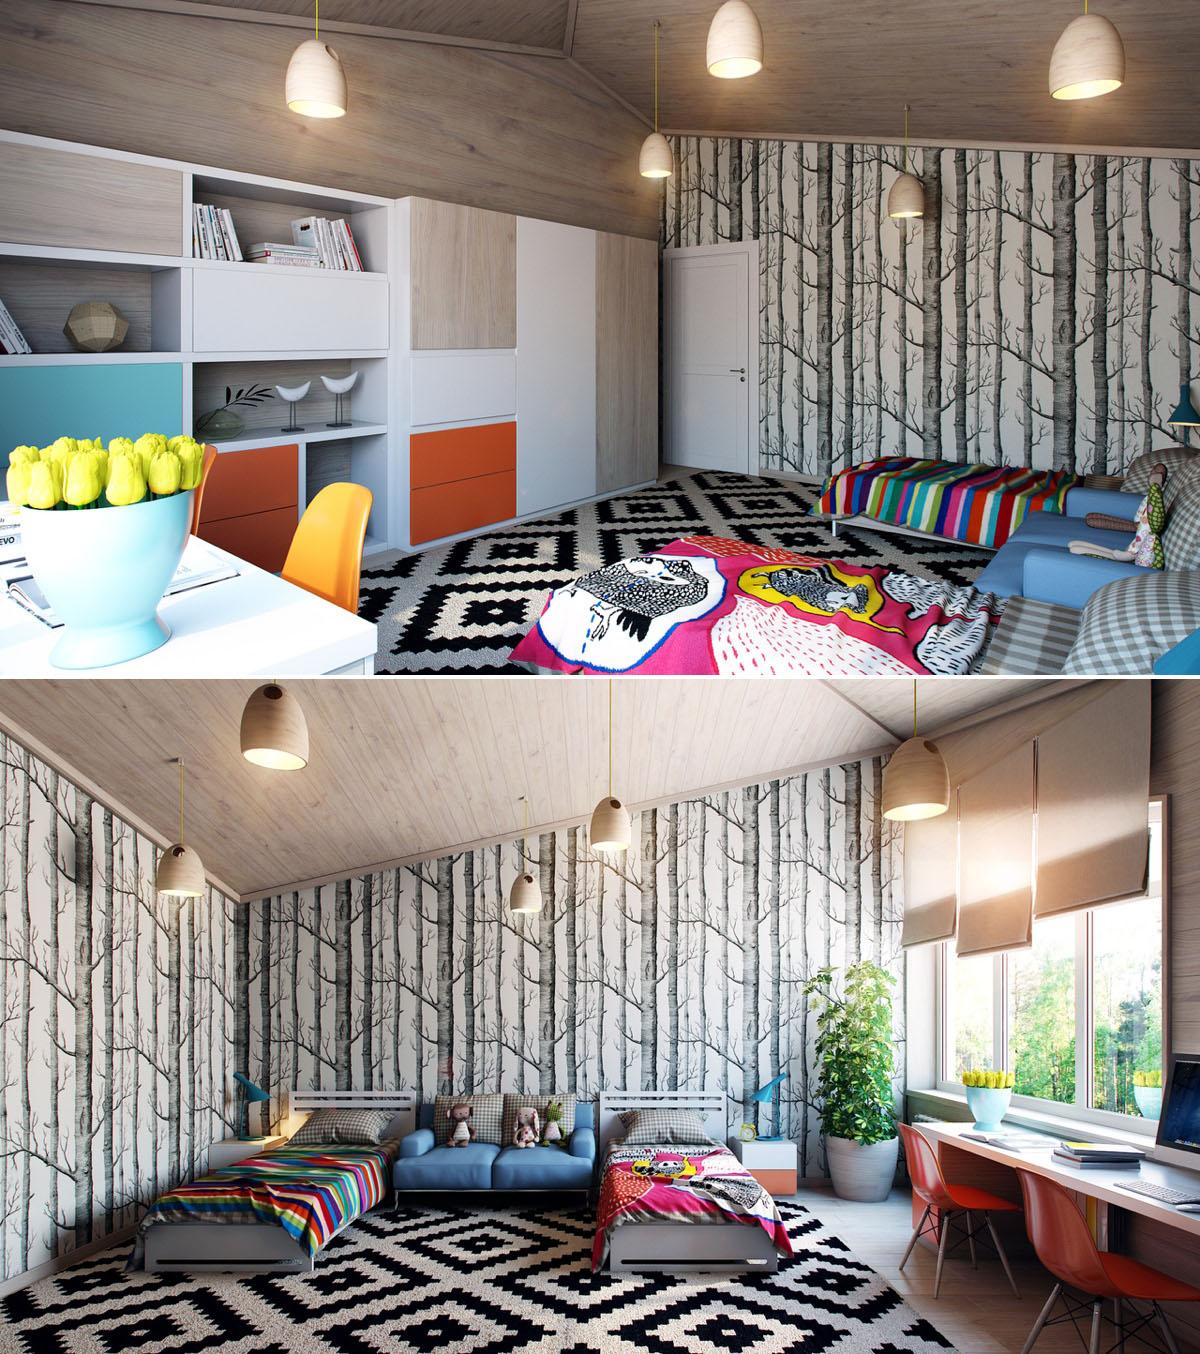 غرفة أطفال 6 غرفة أطفال 6